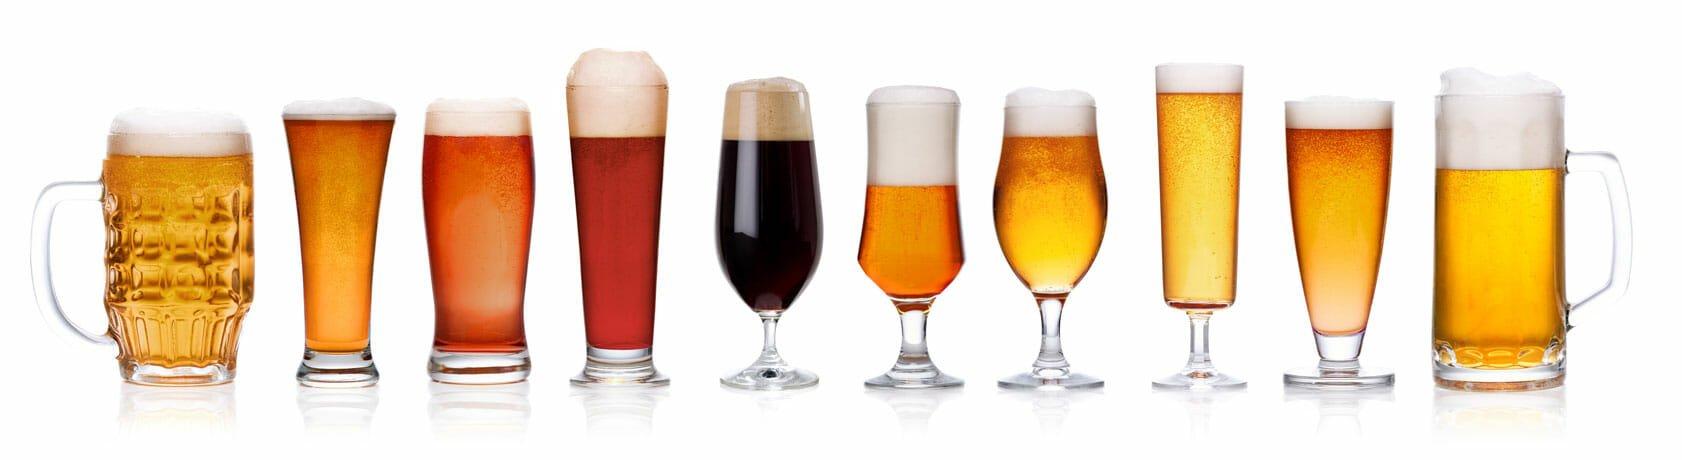 Best Draft beer